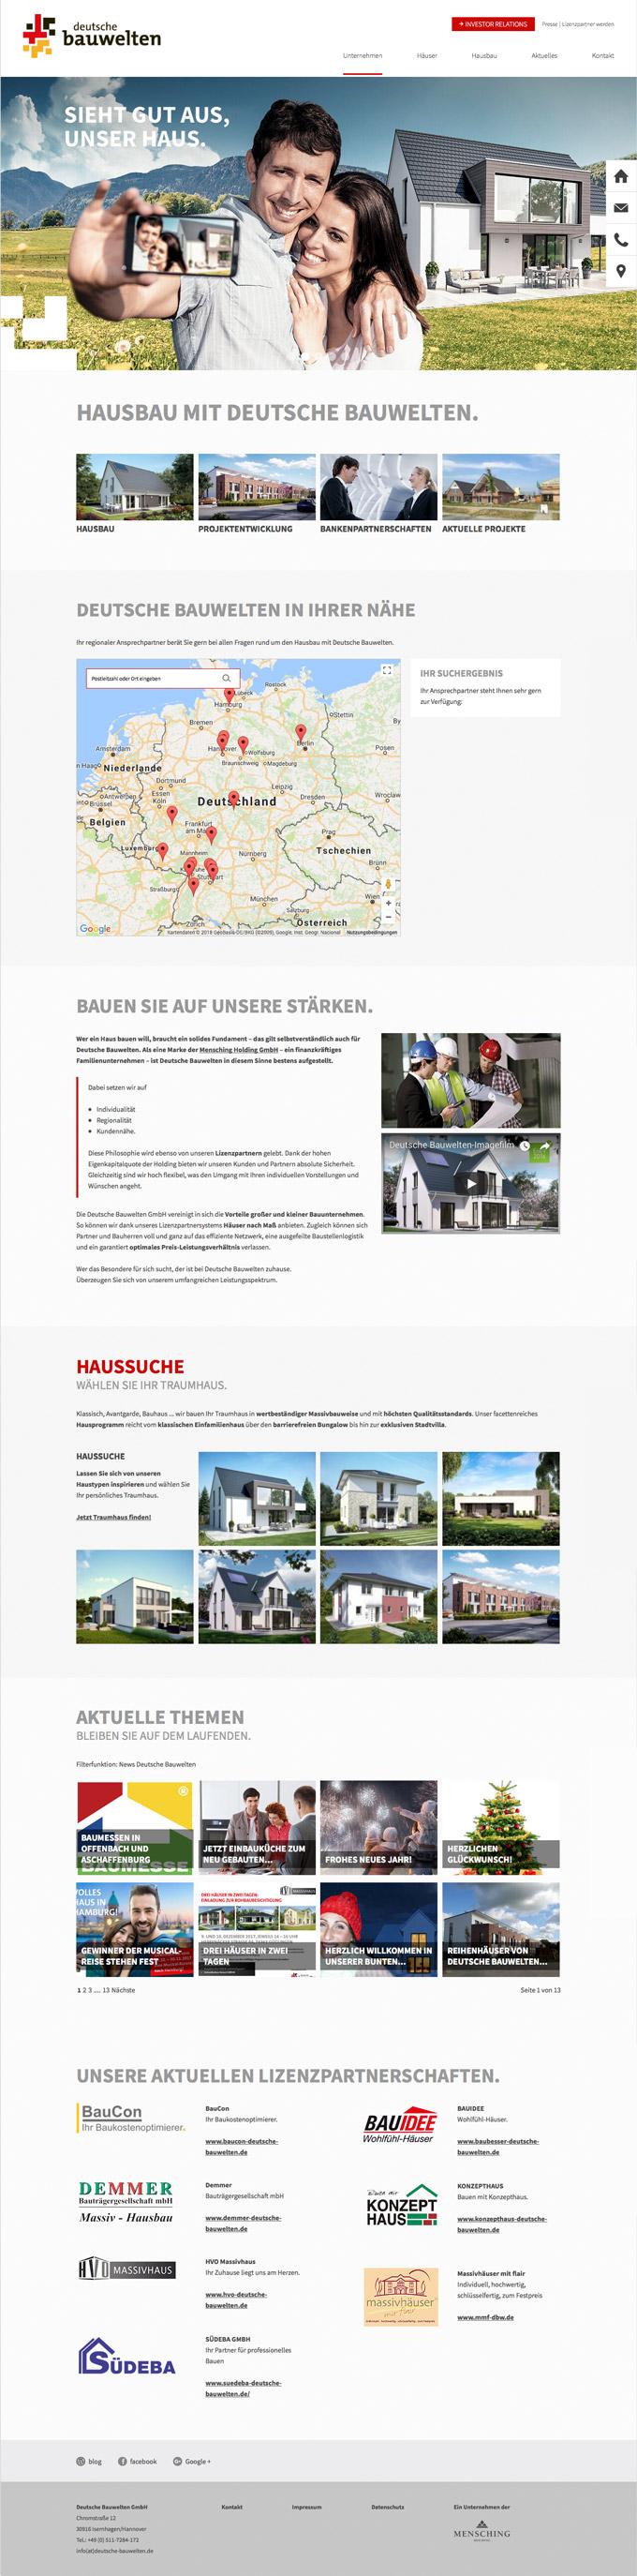 Responsive Website – Typo3 – Deutsche Bauwelten – Hannover